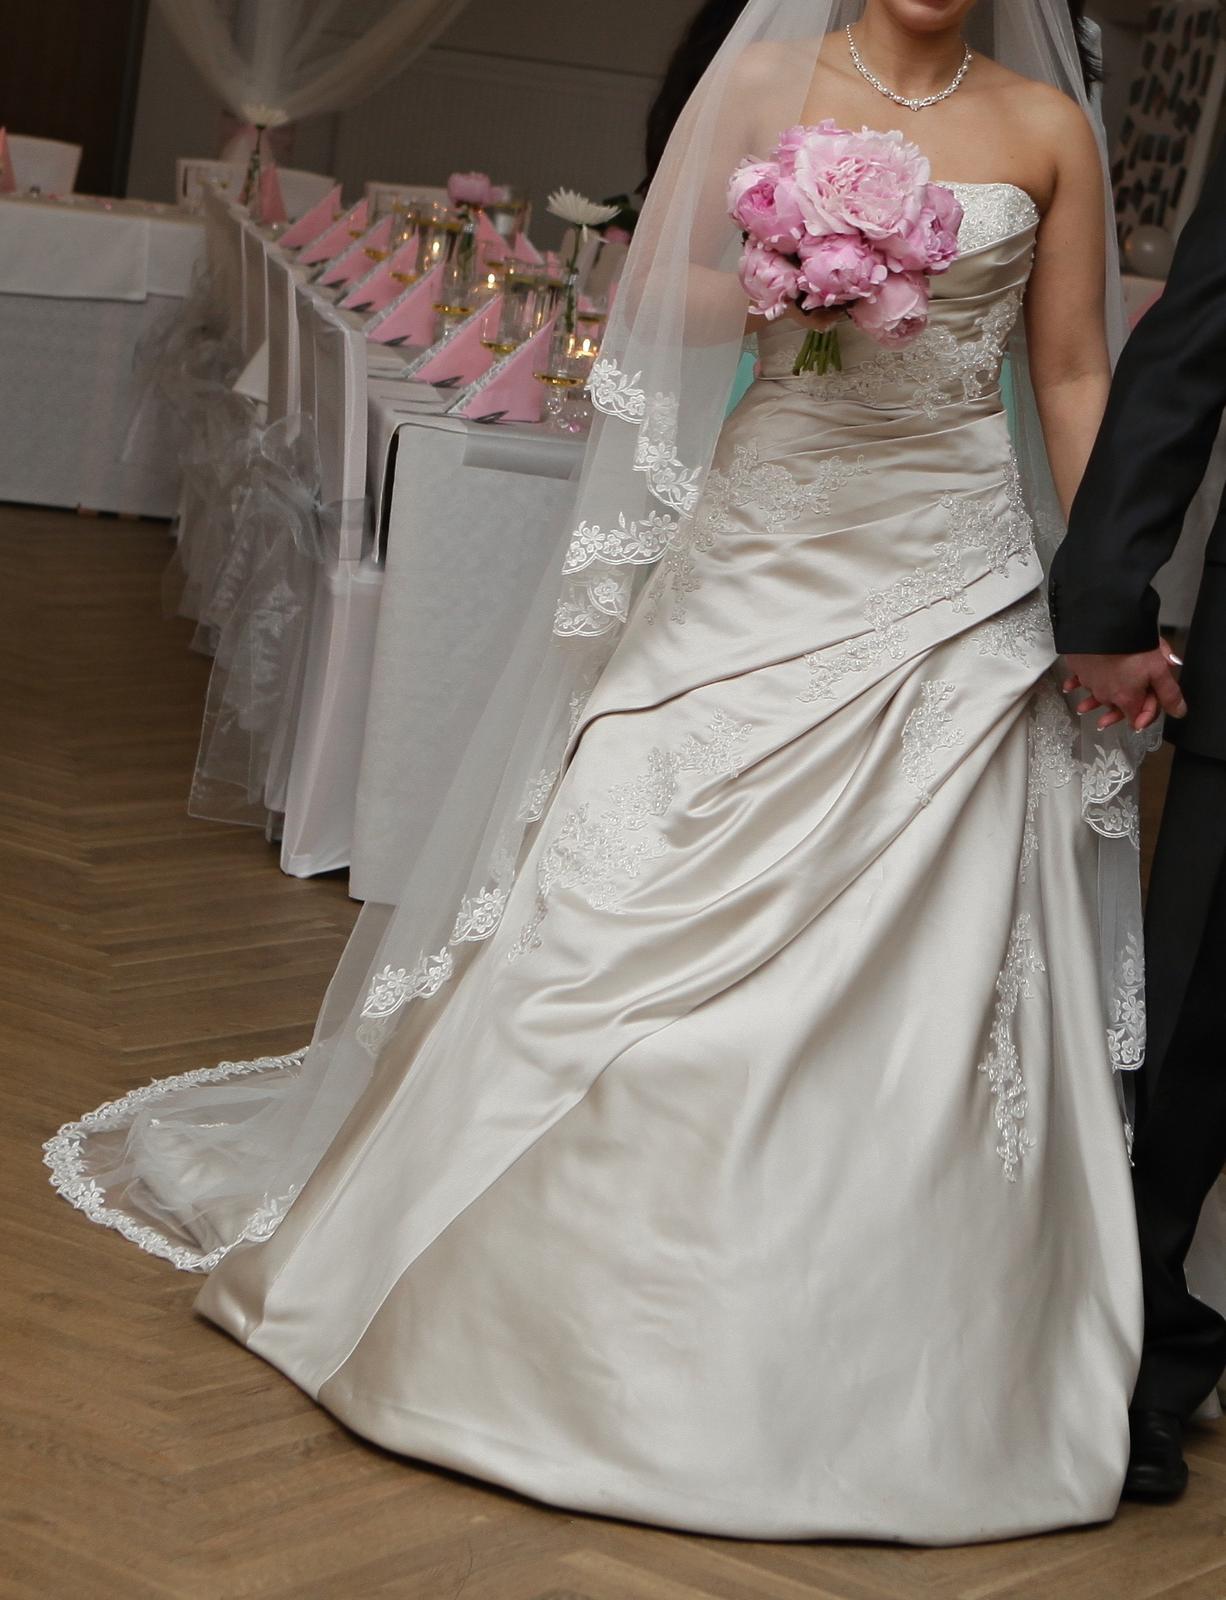 Svatební šaty Pronovias Nicole, vel. 36-38 - Obrázek č. 1